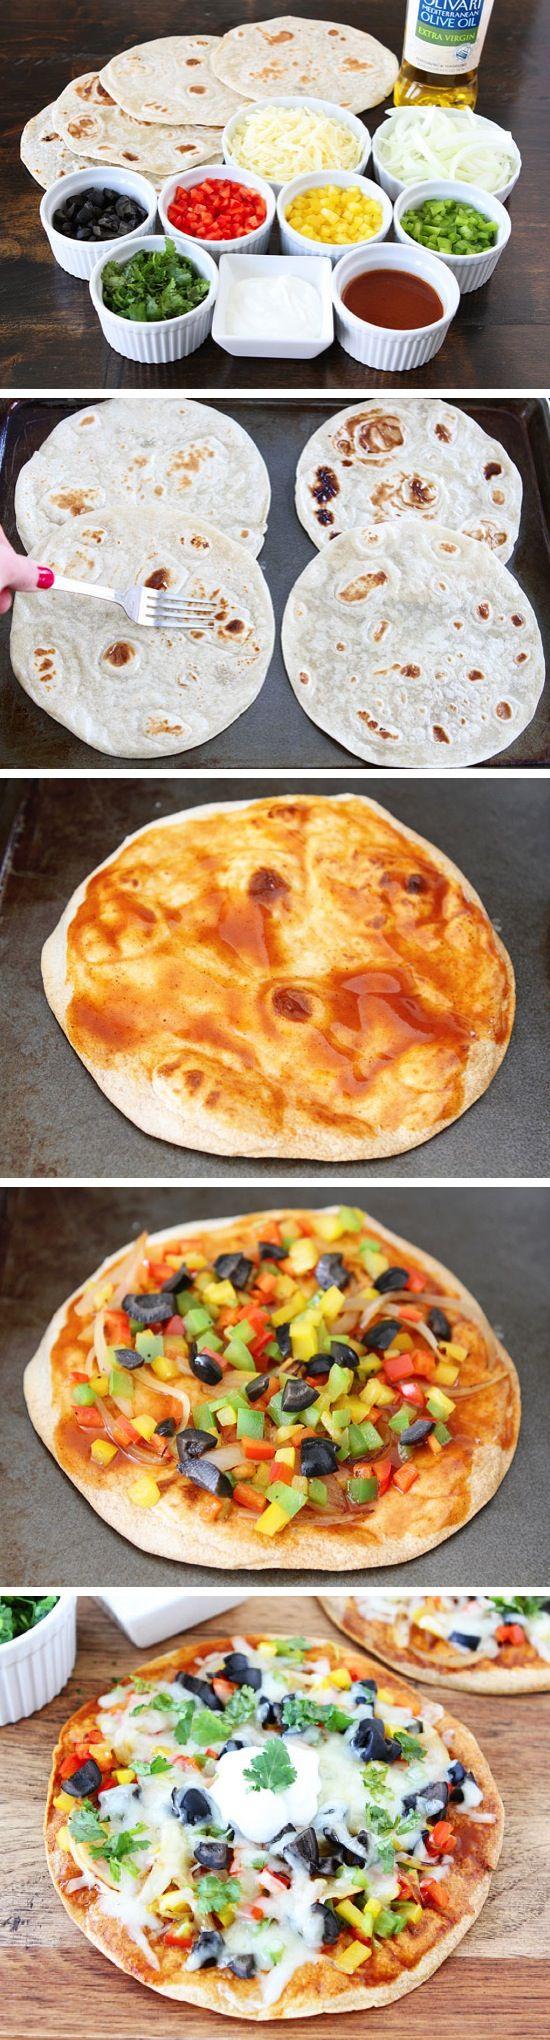 Open-Faced Enchilada Quesadillas - make it with daiya shreds